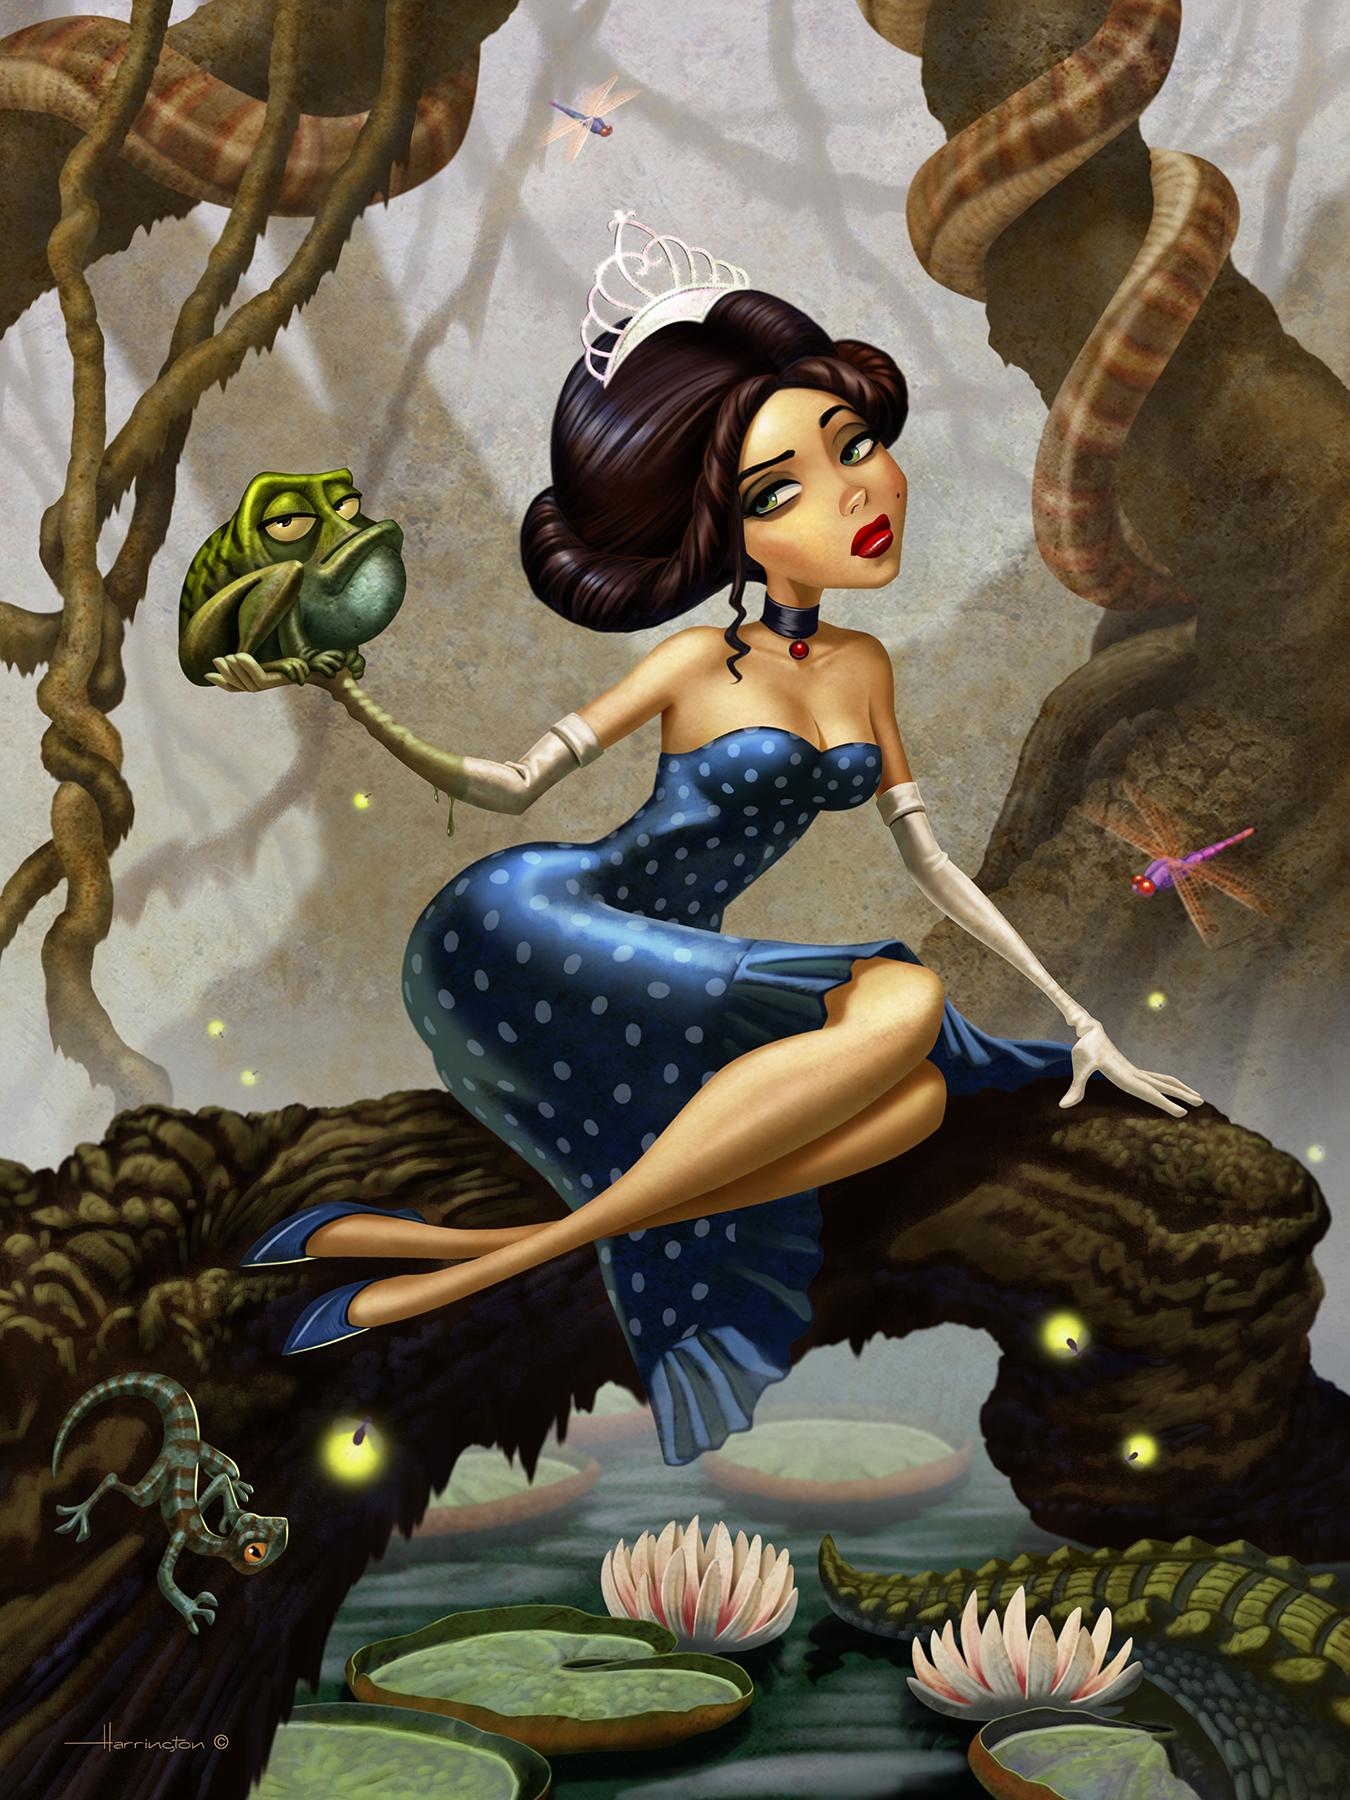 Princess and the frog 1